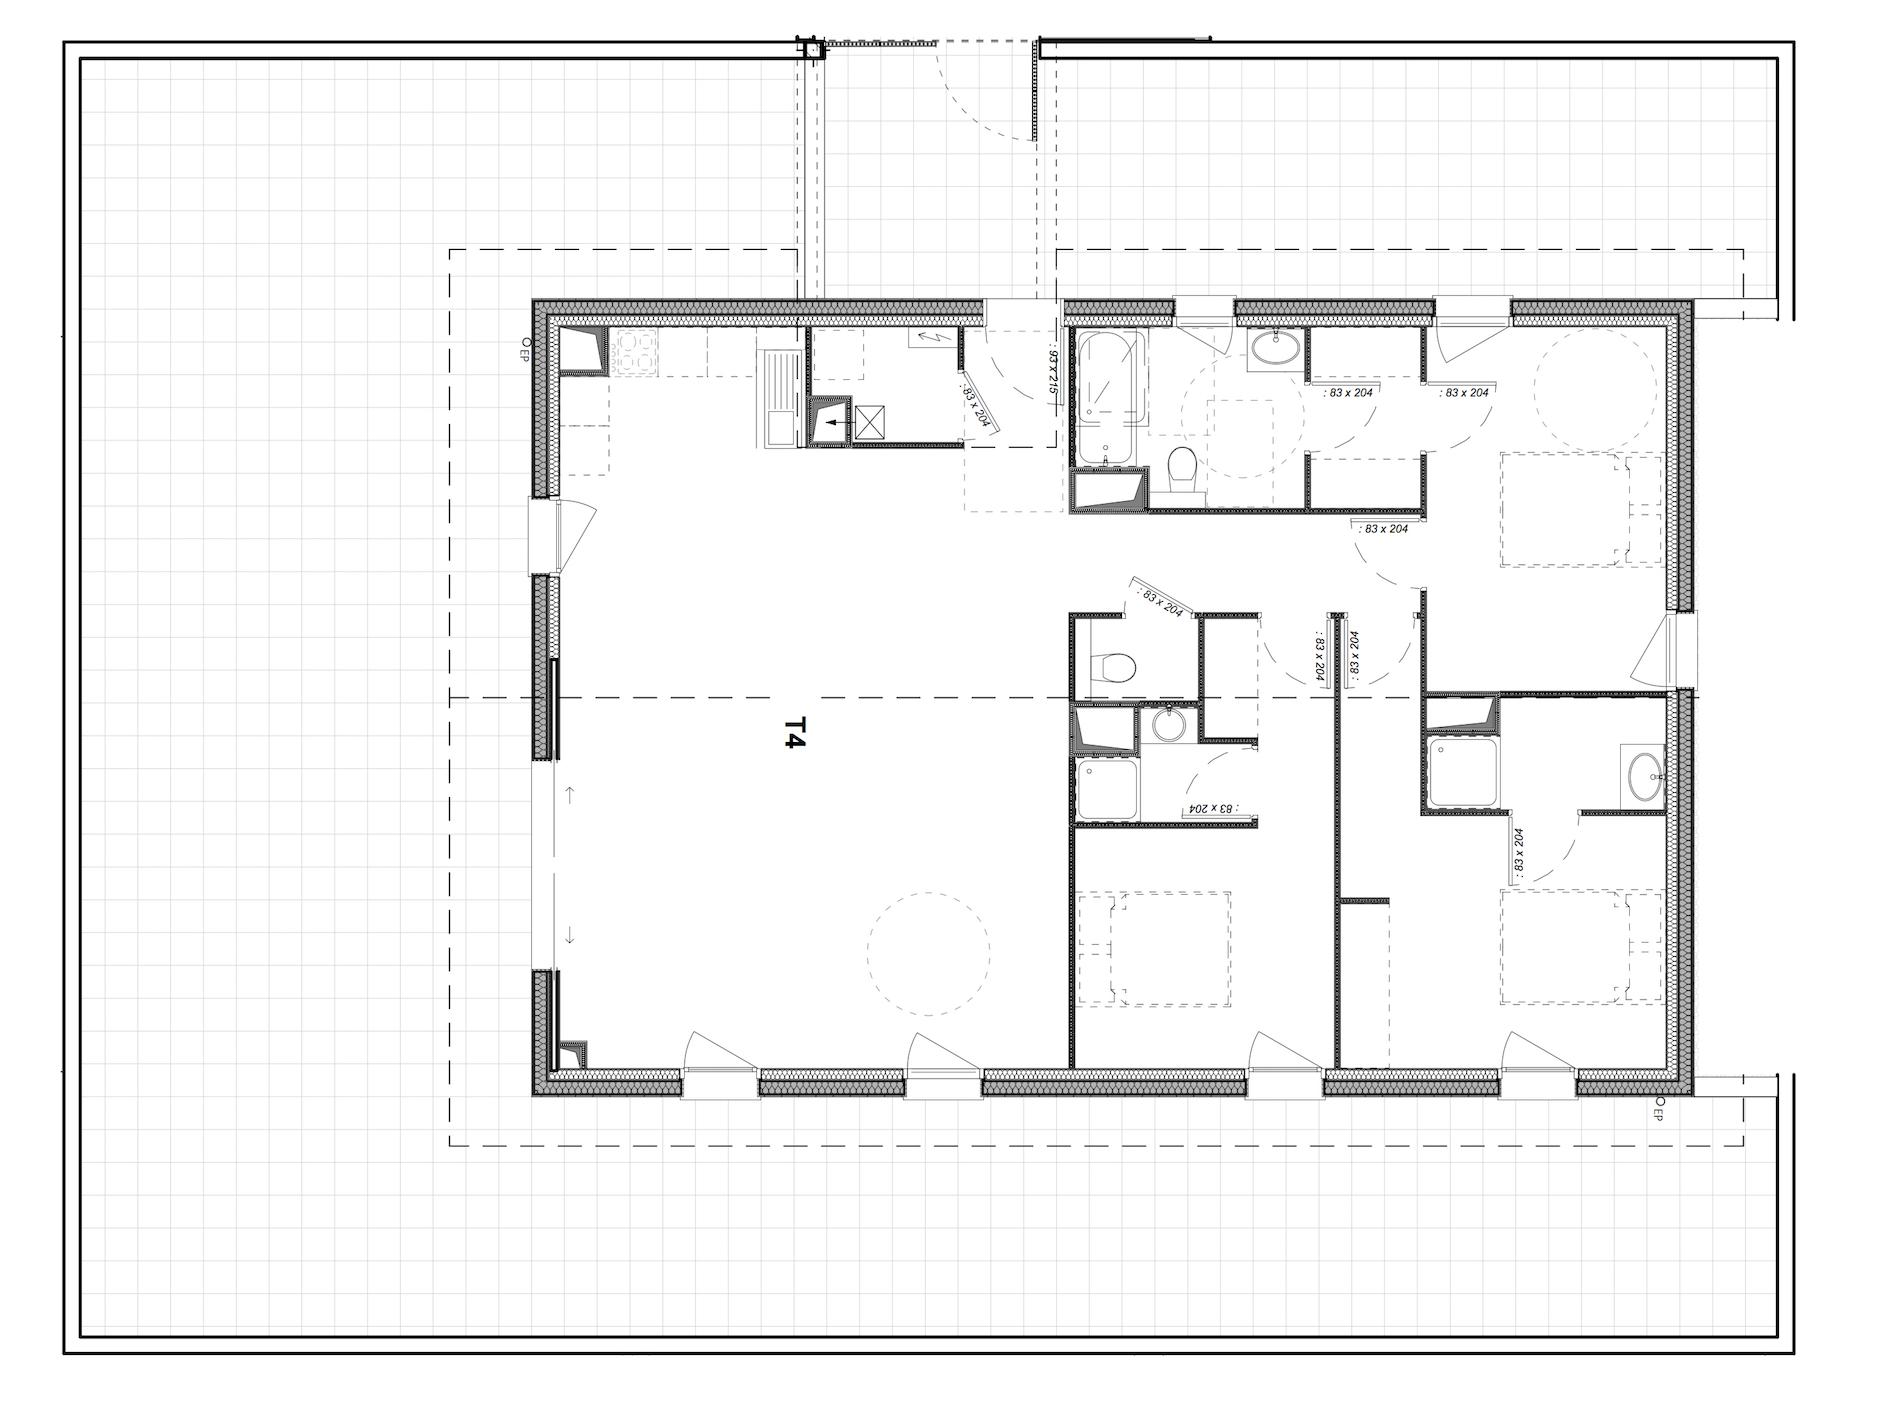 maisons-sur-le-toit-appartement-terrasses-neuf-a-vendre-bien-exception-anglet-proche-biarritz-maneo-habitat